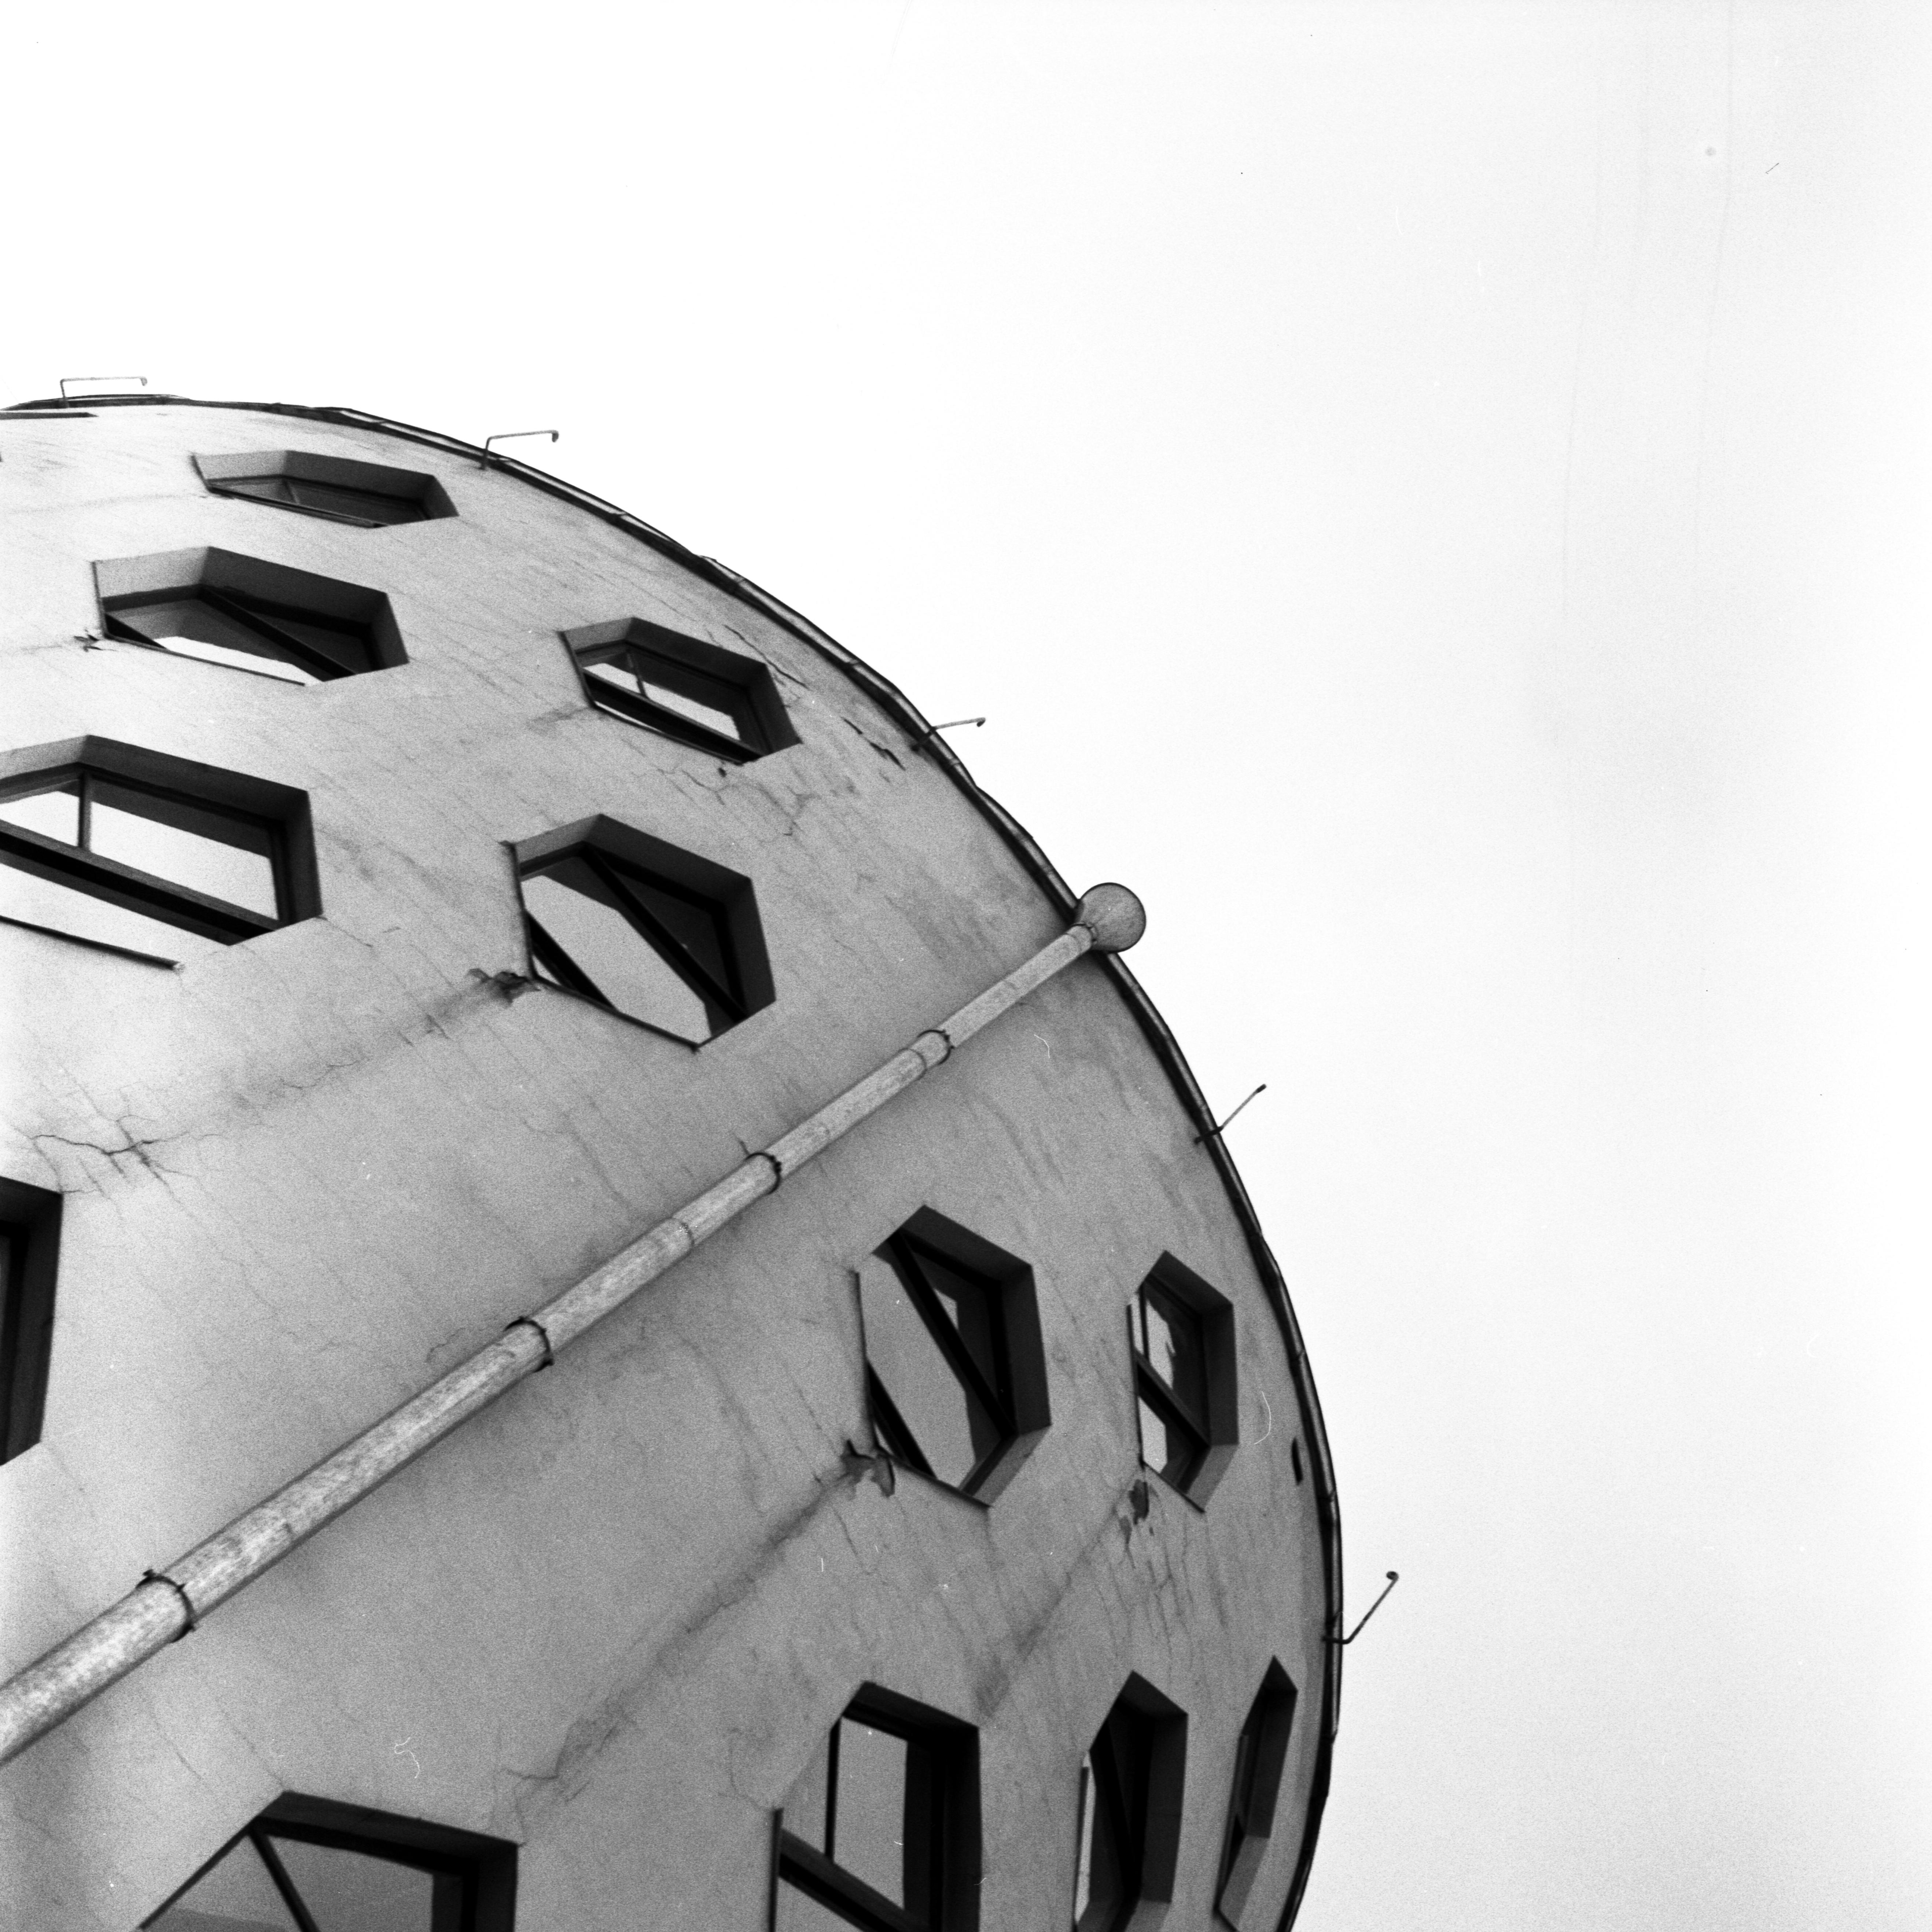 Дом-мастерская Константина Мелиникова конструктивно Незаметные шедевры. Сносить или не сносить? 16131096146 c924a4b724 o